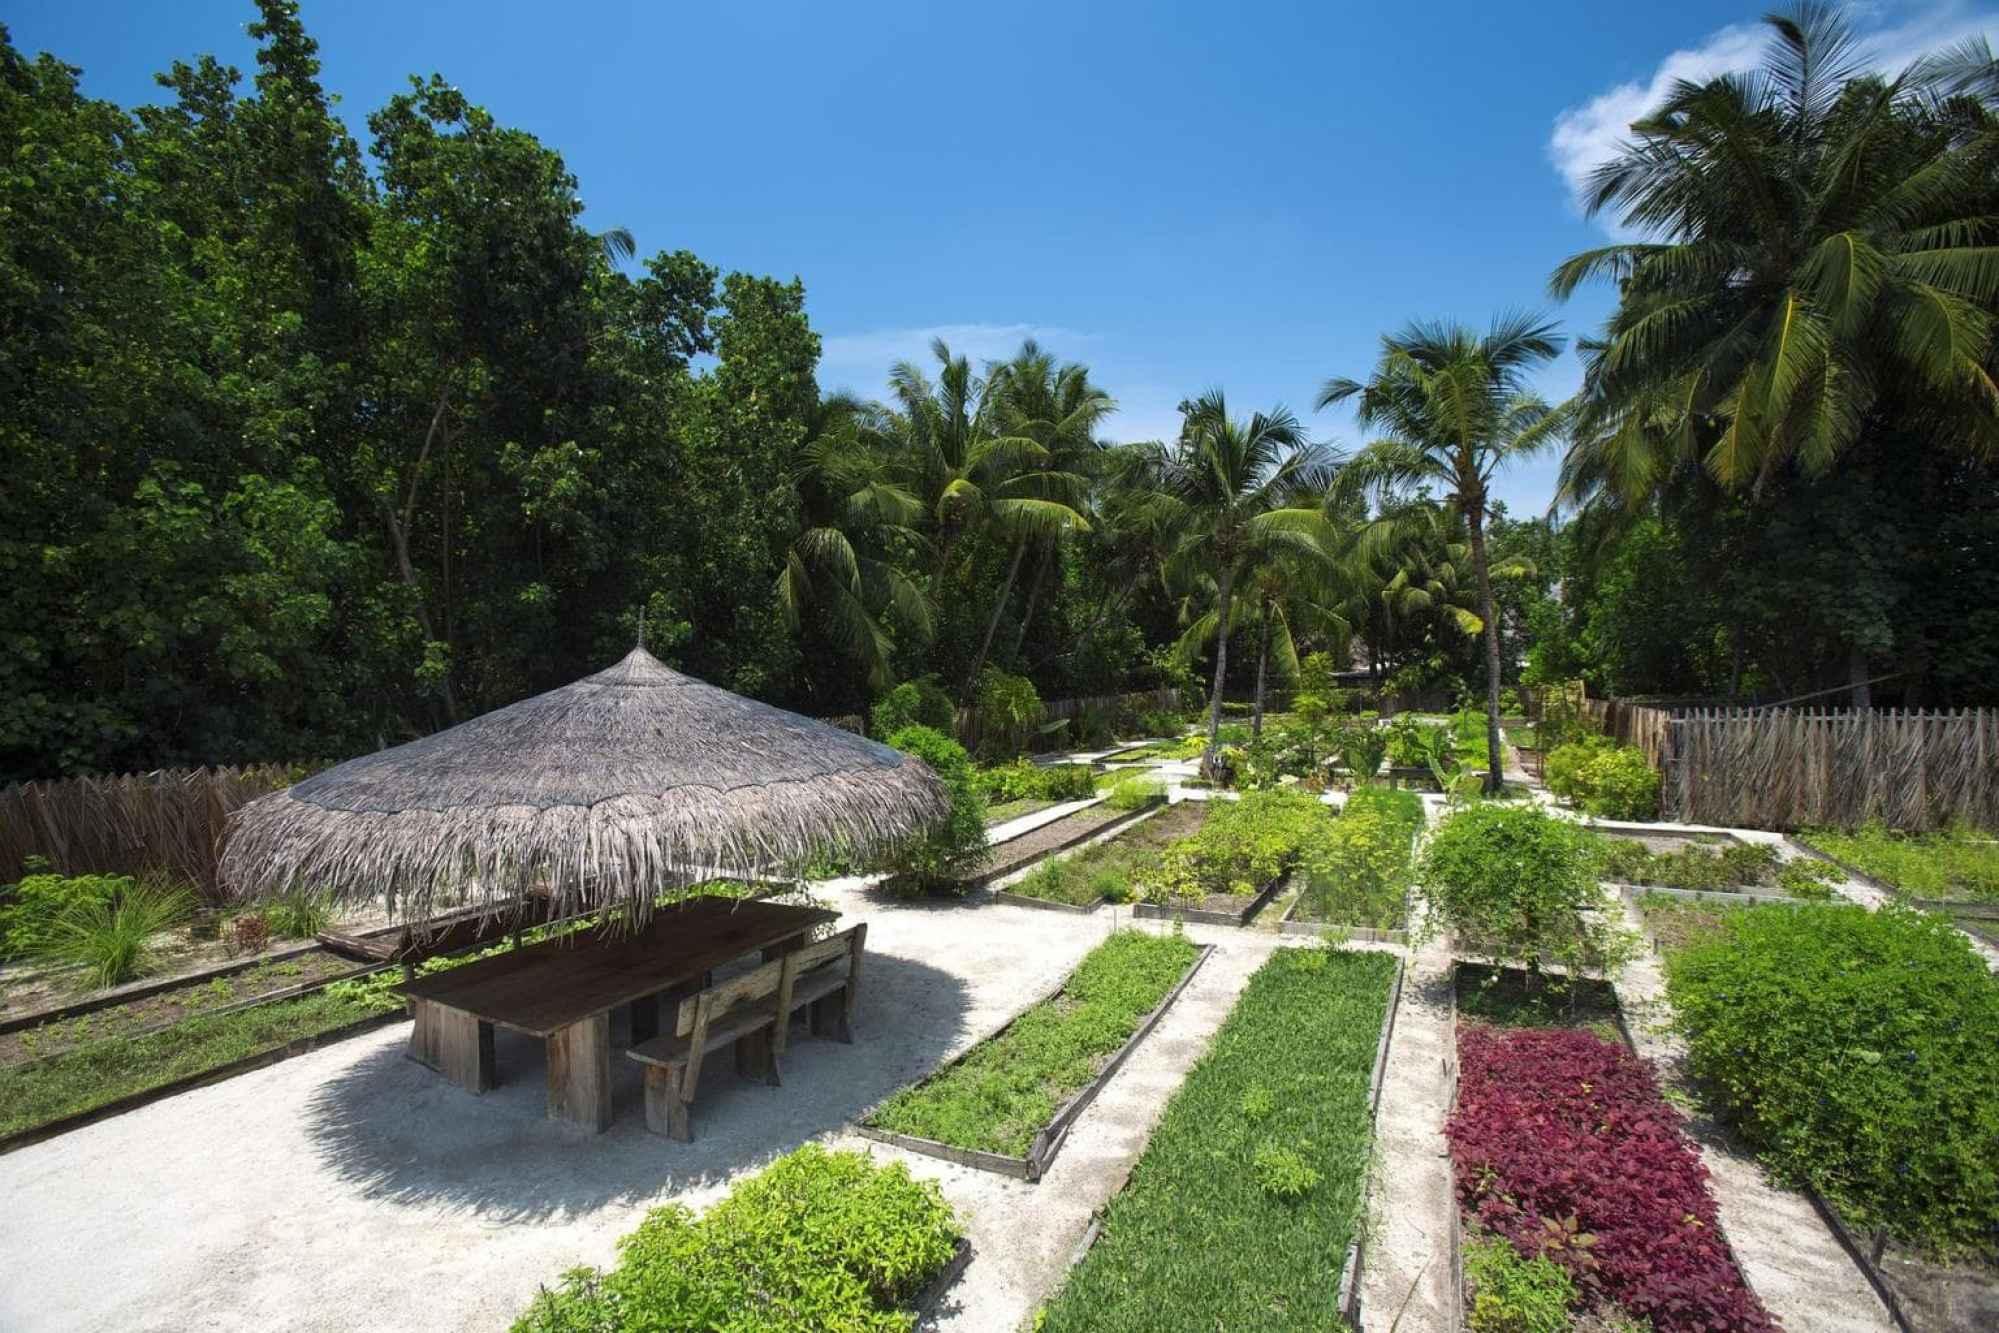 Organic garden at Gili Lankanfushi - Courtesy of Gili Lankanfushi